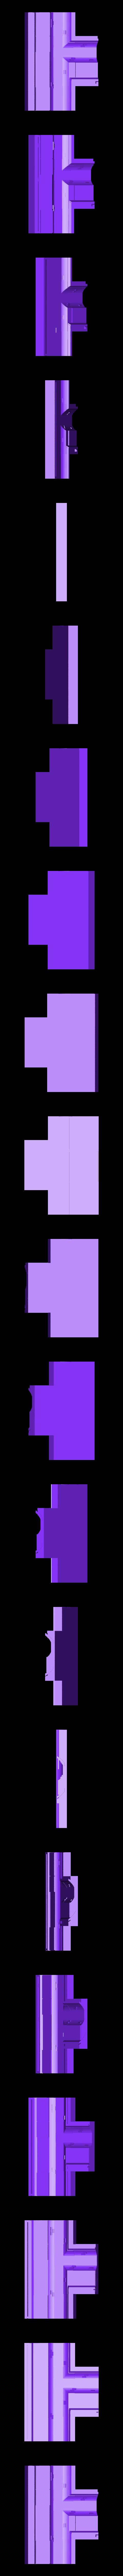 sewer_tjunc_base1.stl Télécharger fichier STL gratuit Ripper's London - Les égouts • Design pour imprimante 3D, Earsling